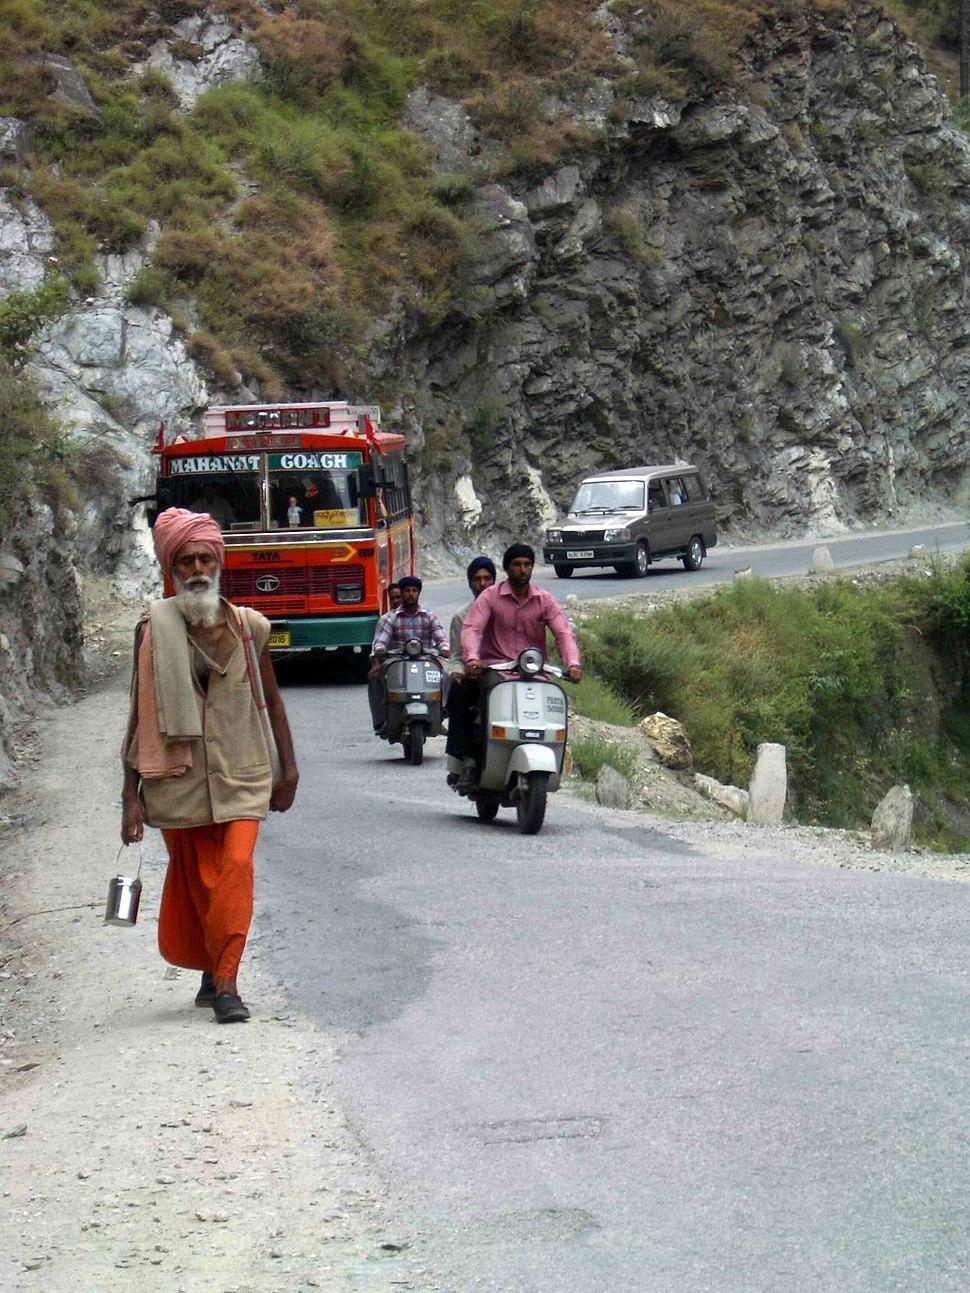 Pilgrims coming to Manakaran